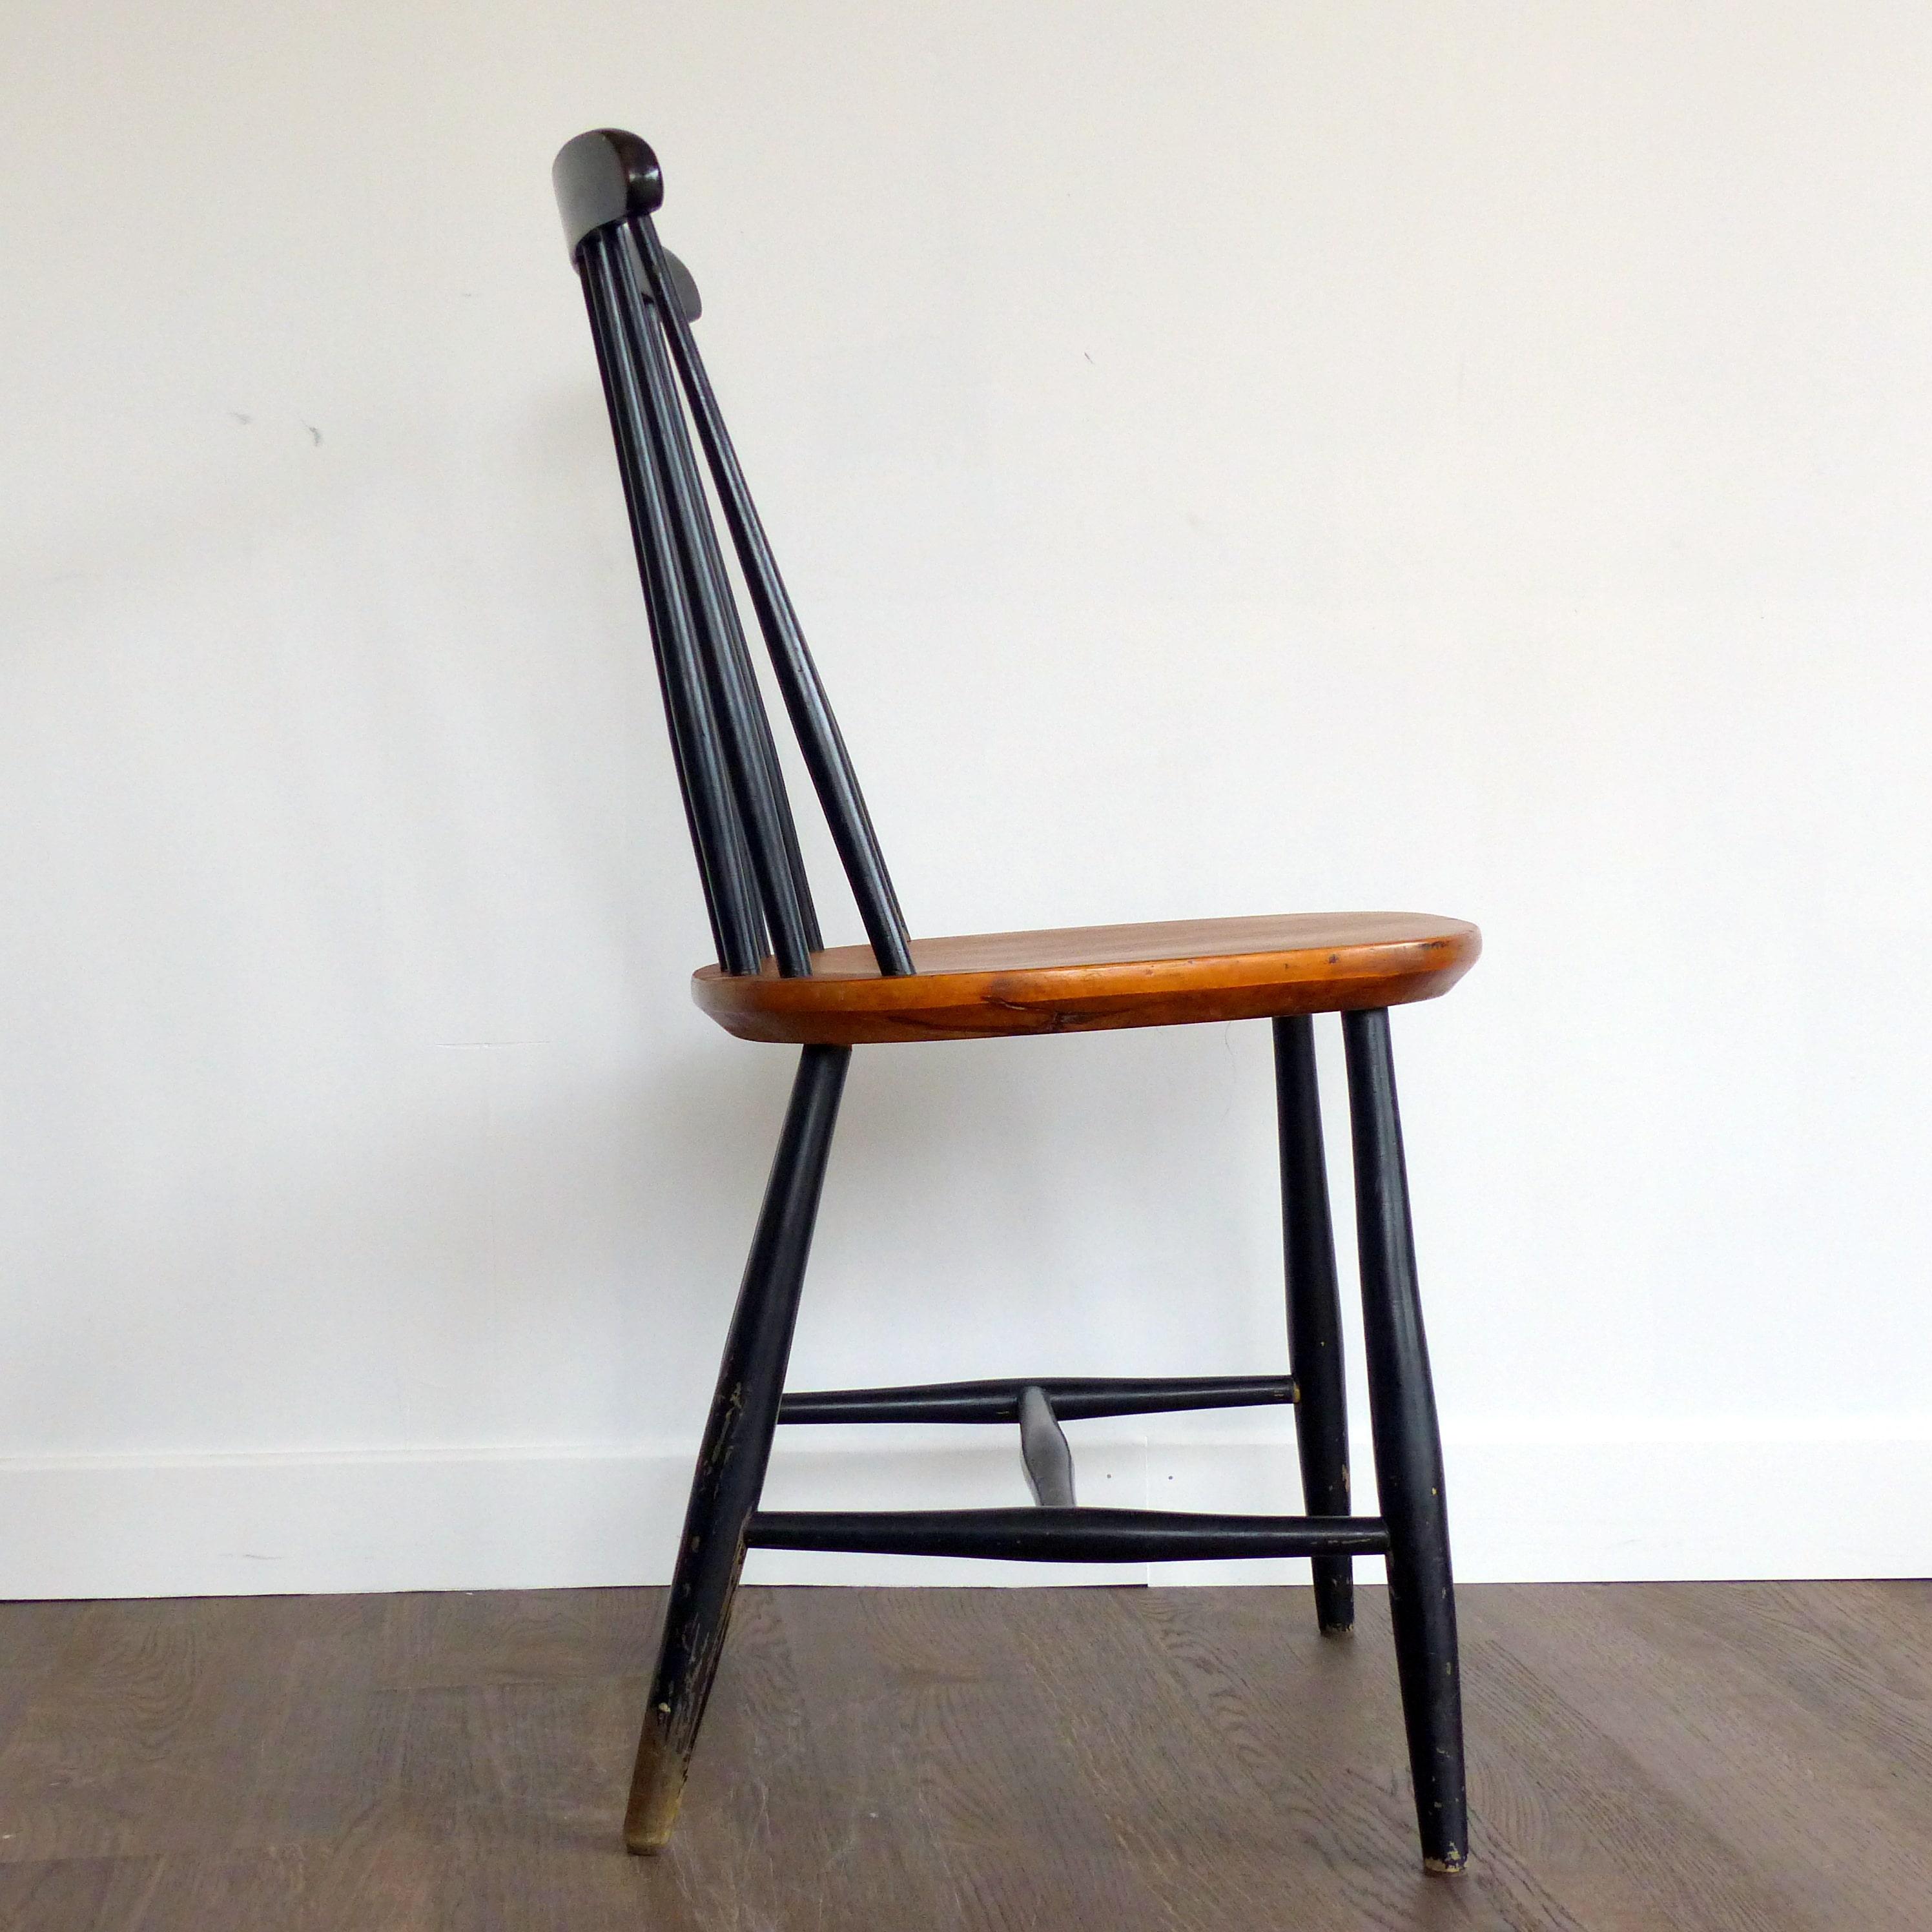 chaise scandinave 4 dispo lignedebrocante brocante en ligne chine pour vous meubles. Black Bedroom Furniture Sets. Home Design Ideas